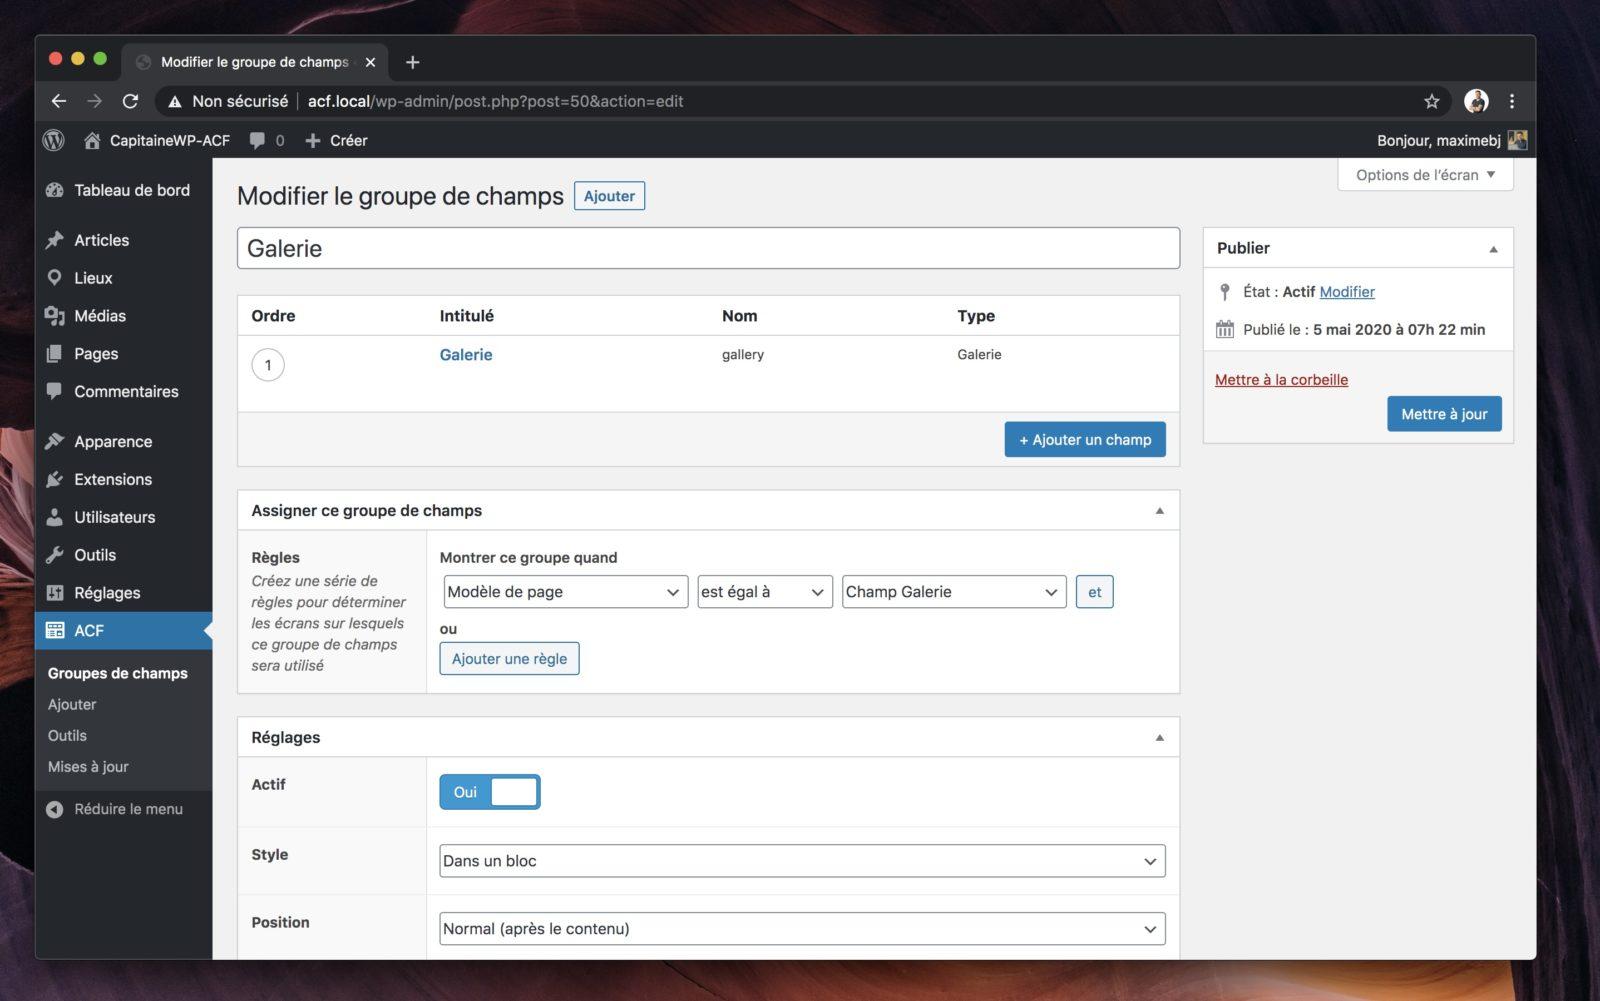 Capture d'écran de l'interface de gestion des champs ACF